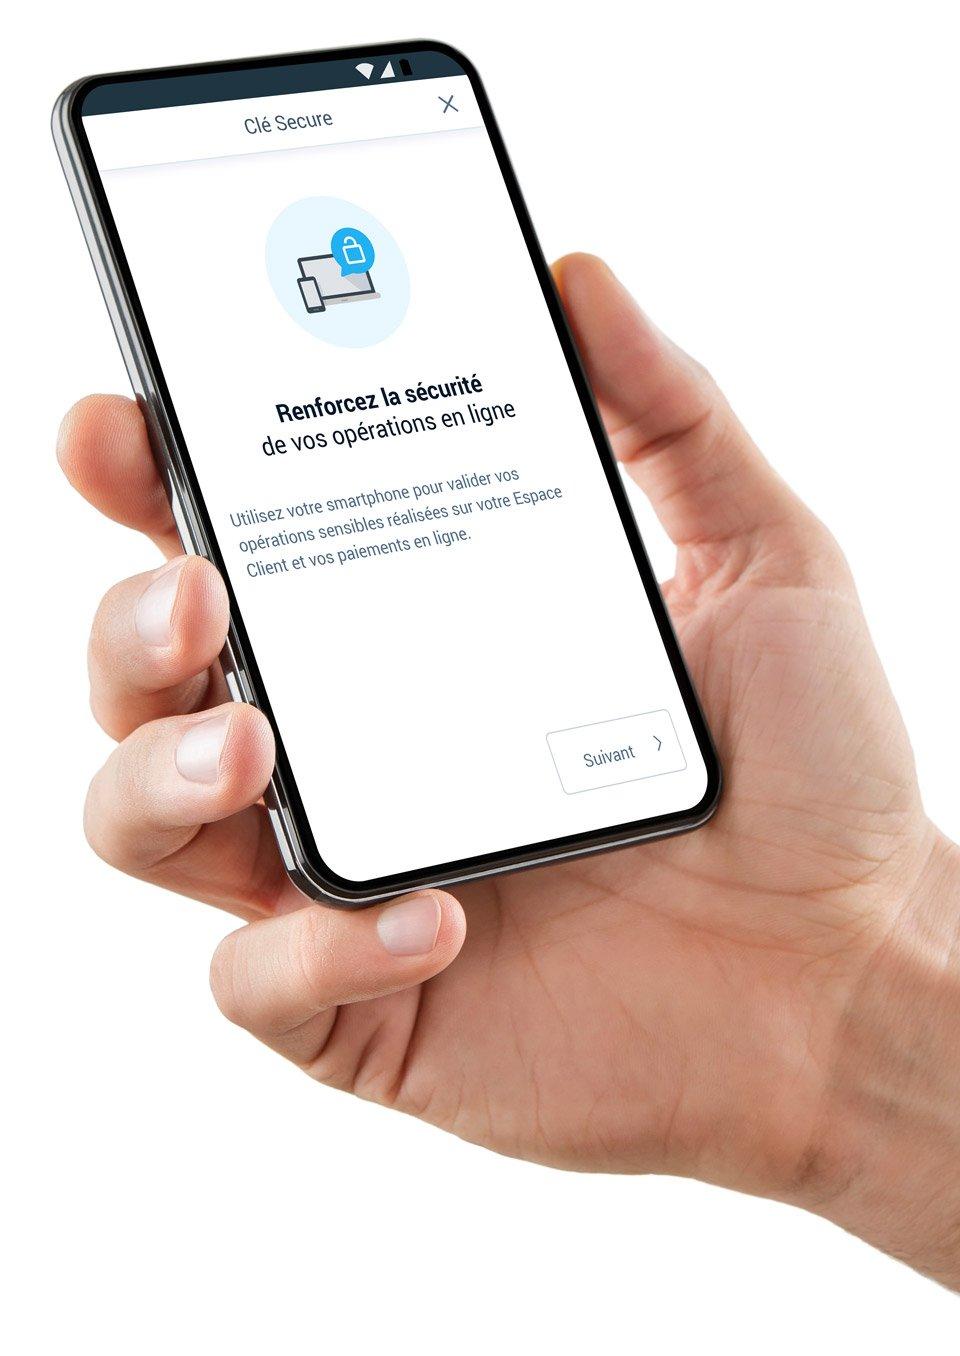 plafond retrait carte pass par semaine Carte de crédit PASS | Carrefour Banque